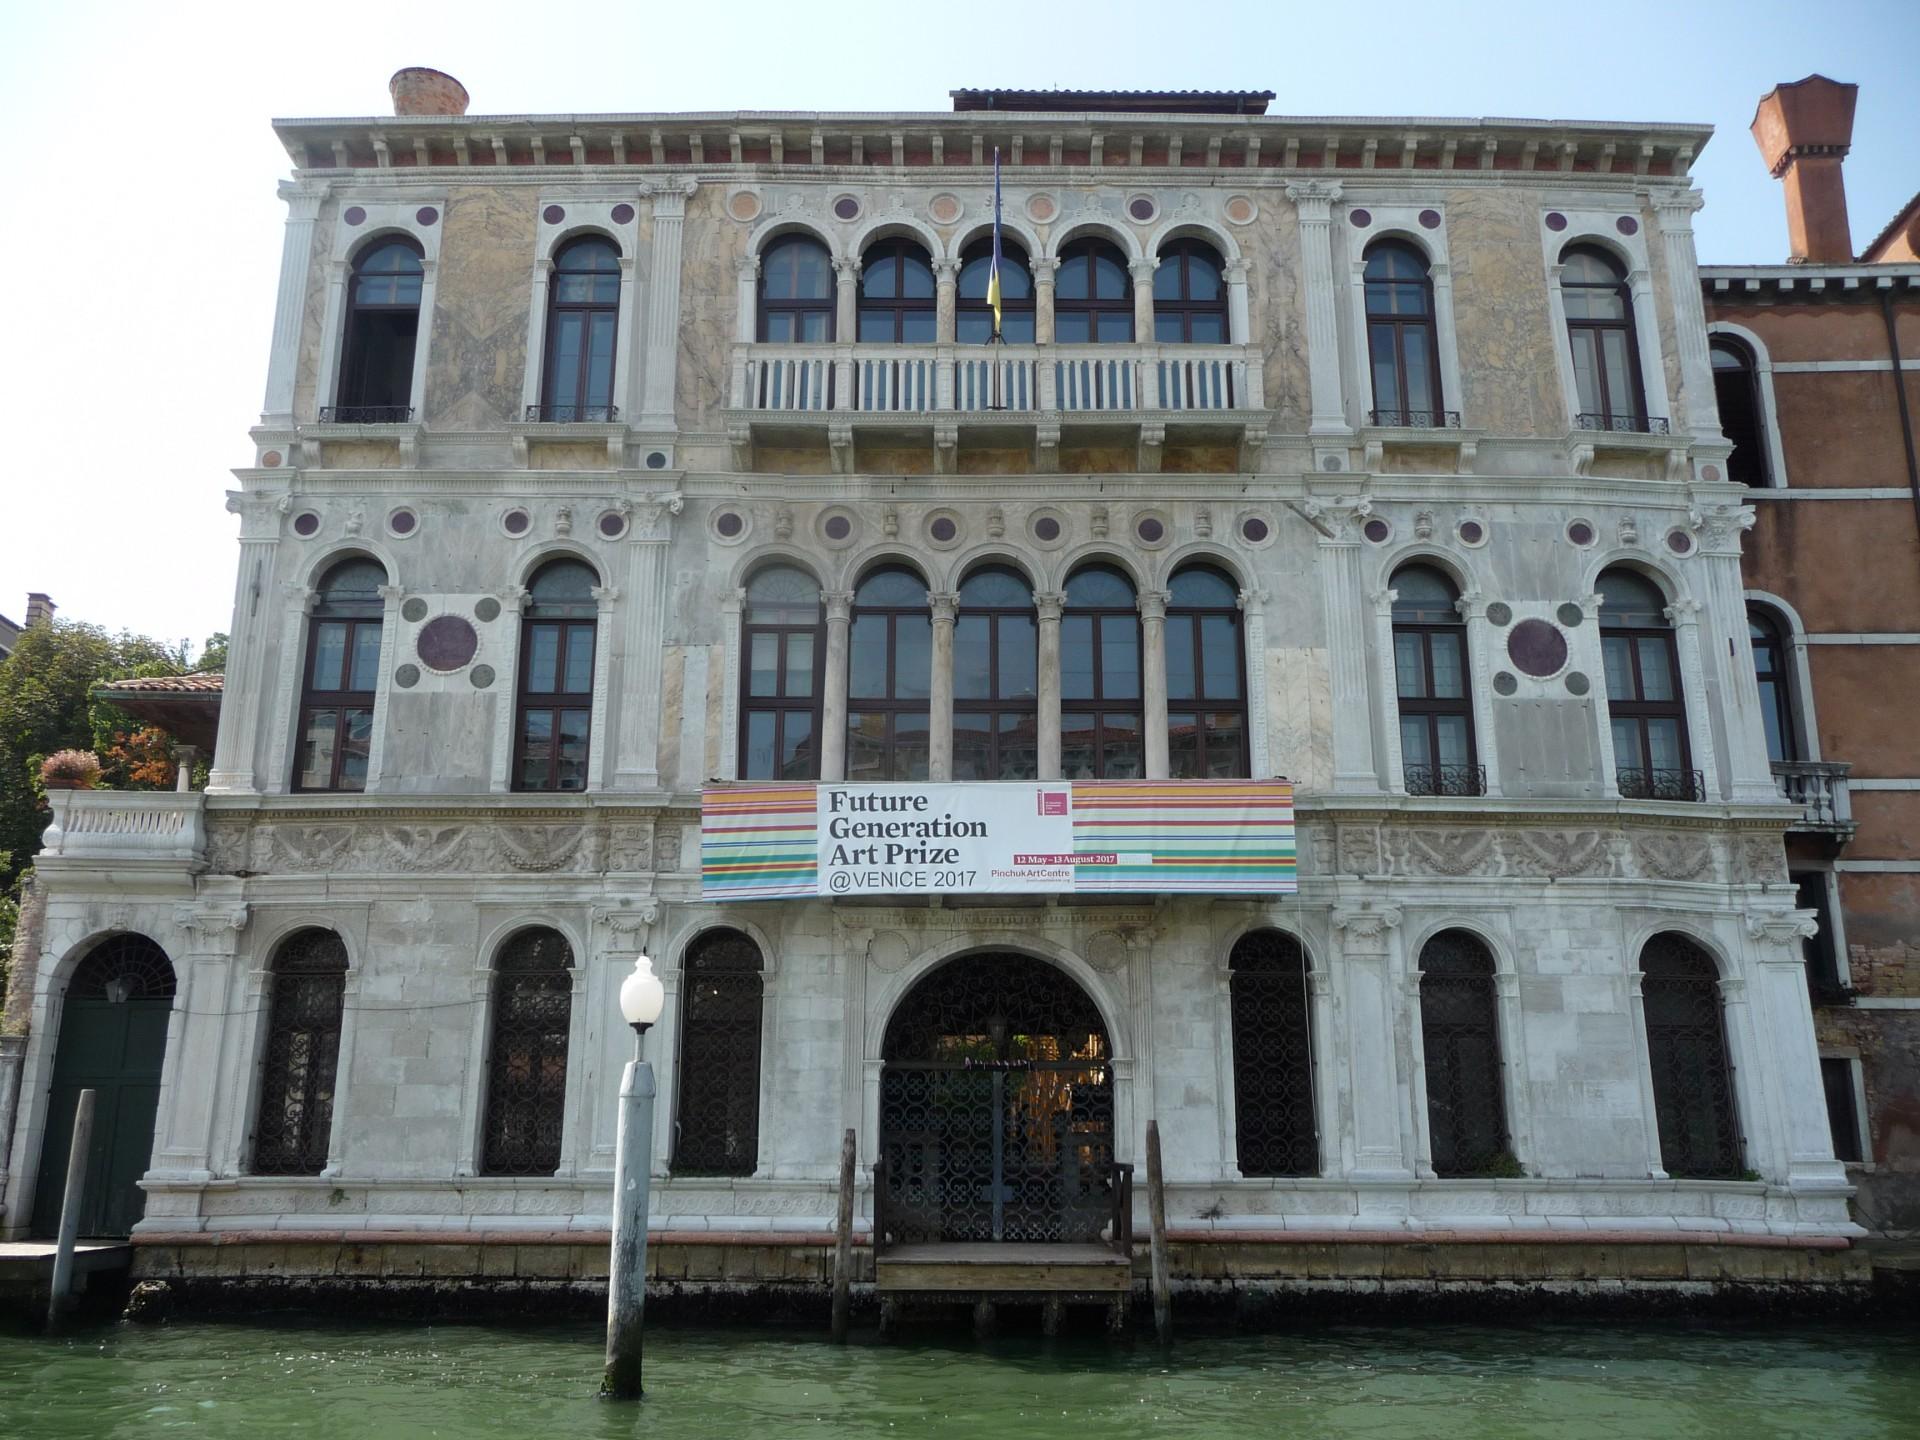 Günstig unterwegs in Venedig: Tipps zum Sparen in der Lagunenstadt